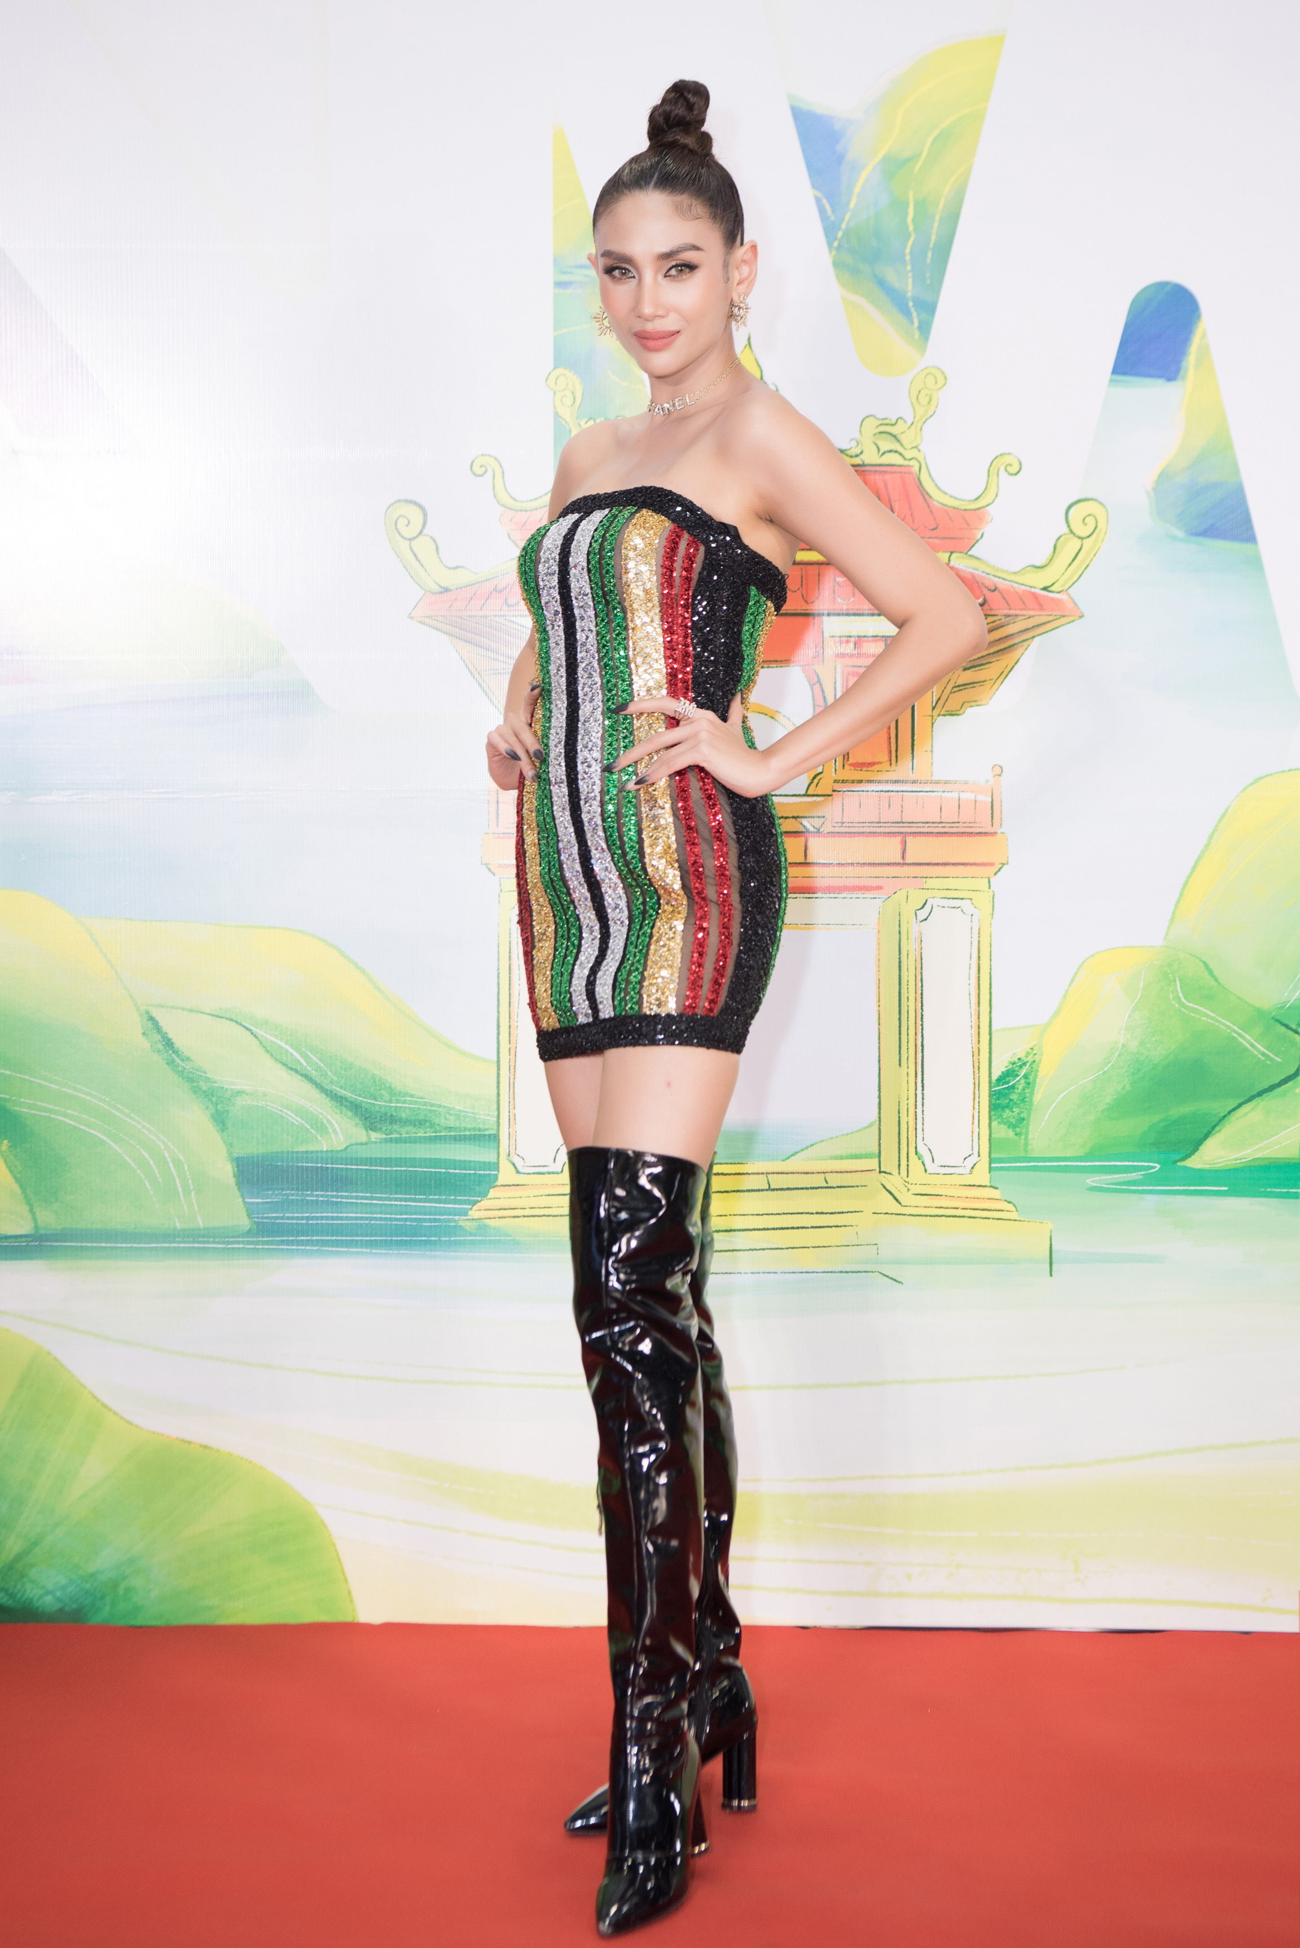 Khánh Vân, Võ Hoàng Yến, Hoàng My diện váy xẻ bạo khoe chân dài nóng bỏng ảnh 4